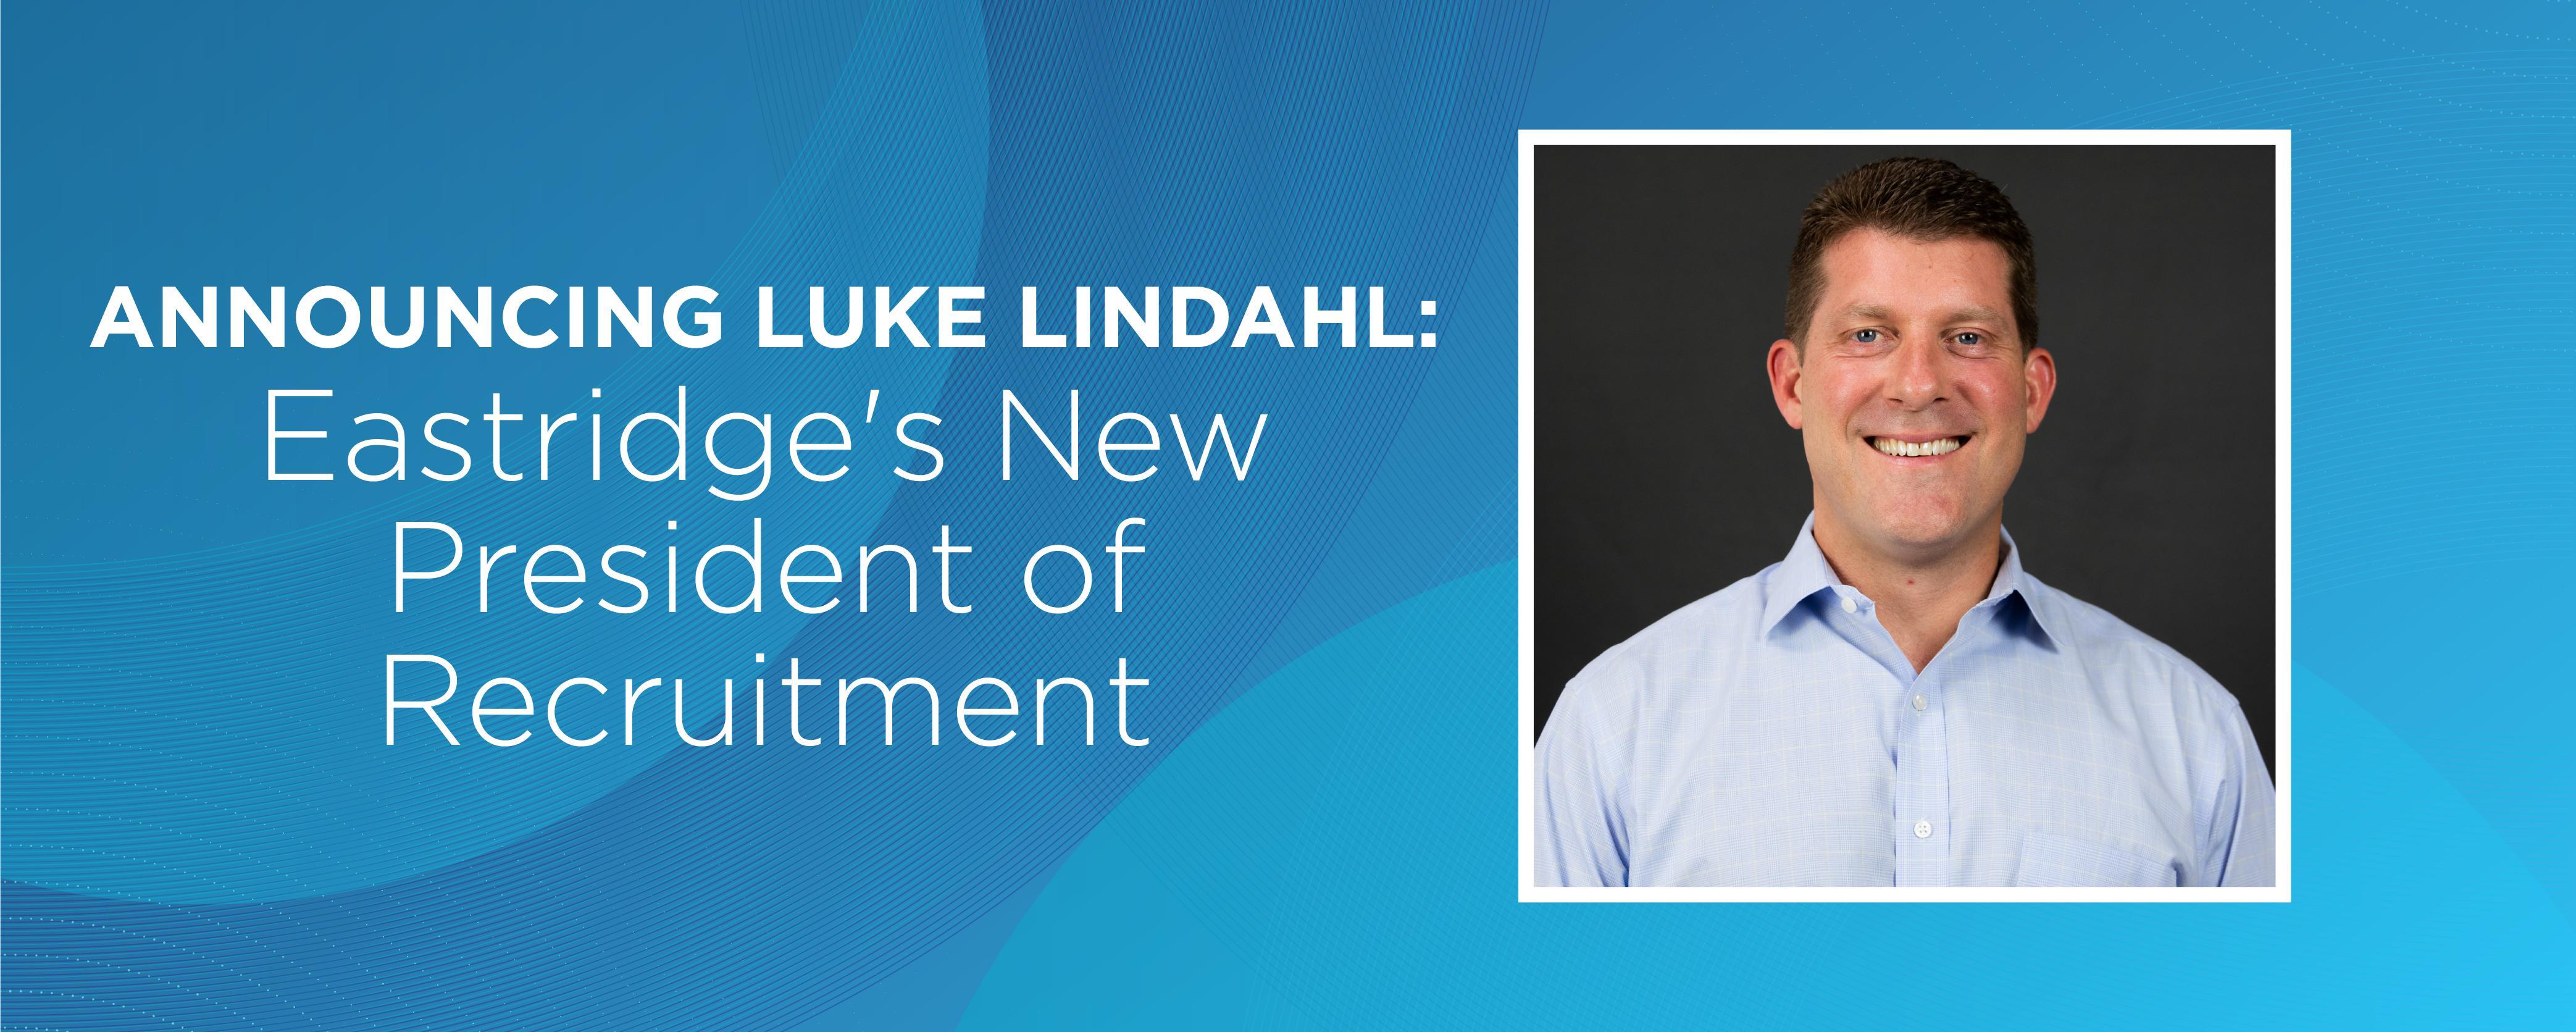 Announcing Luke Lindahl: Eastridge's New President of Recruitment